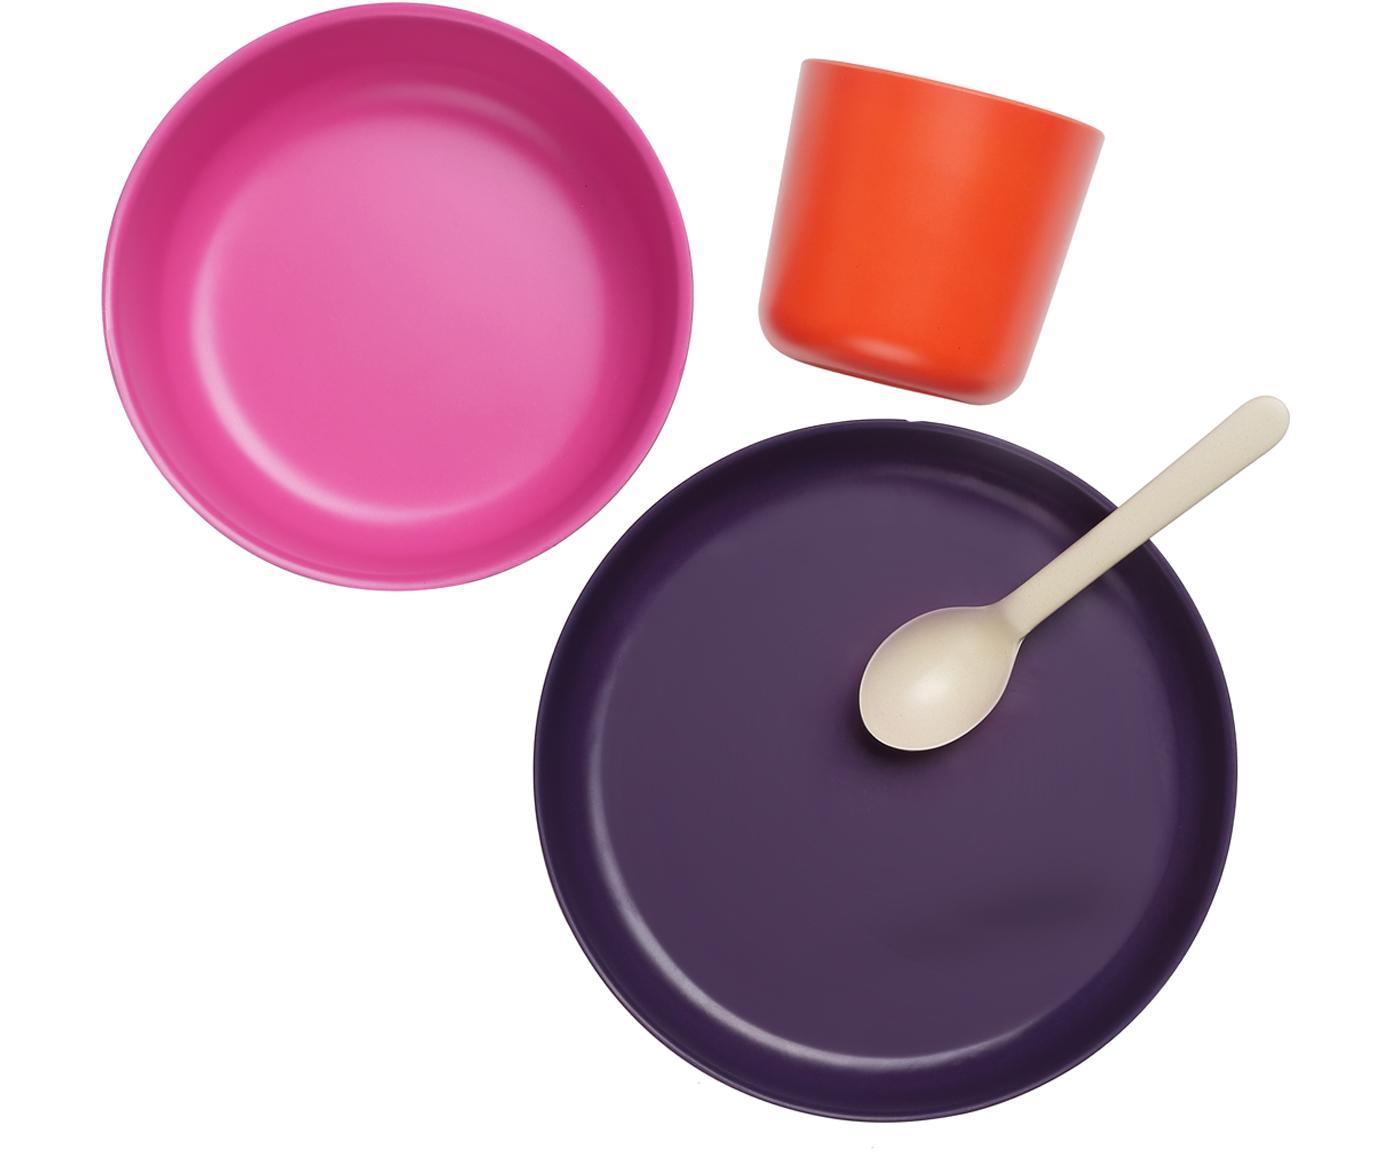 Ontbijtset Ume, 4-delig, Bamboehoutvezels, melamine, voedselveilig BPA-, PVC- en ftalatenvrij, Violet, roze, rood, crèmewit, Verschillende formaten